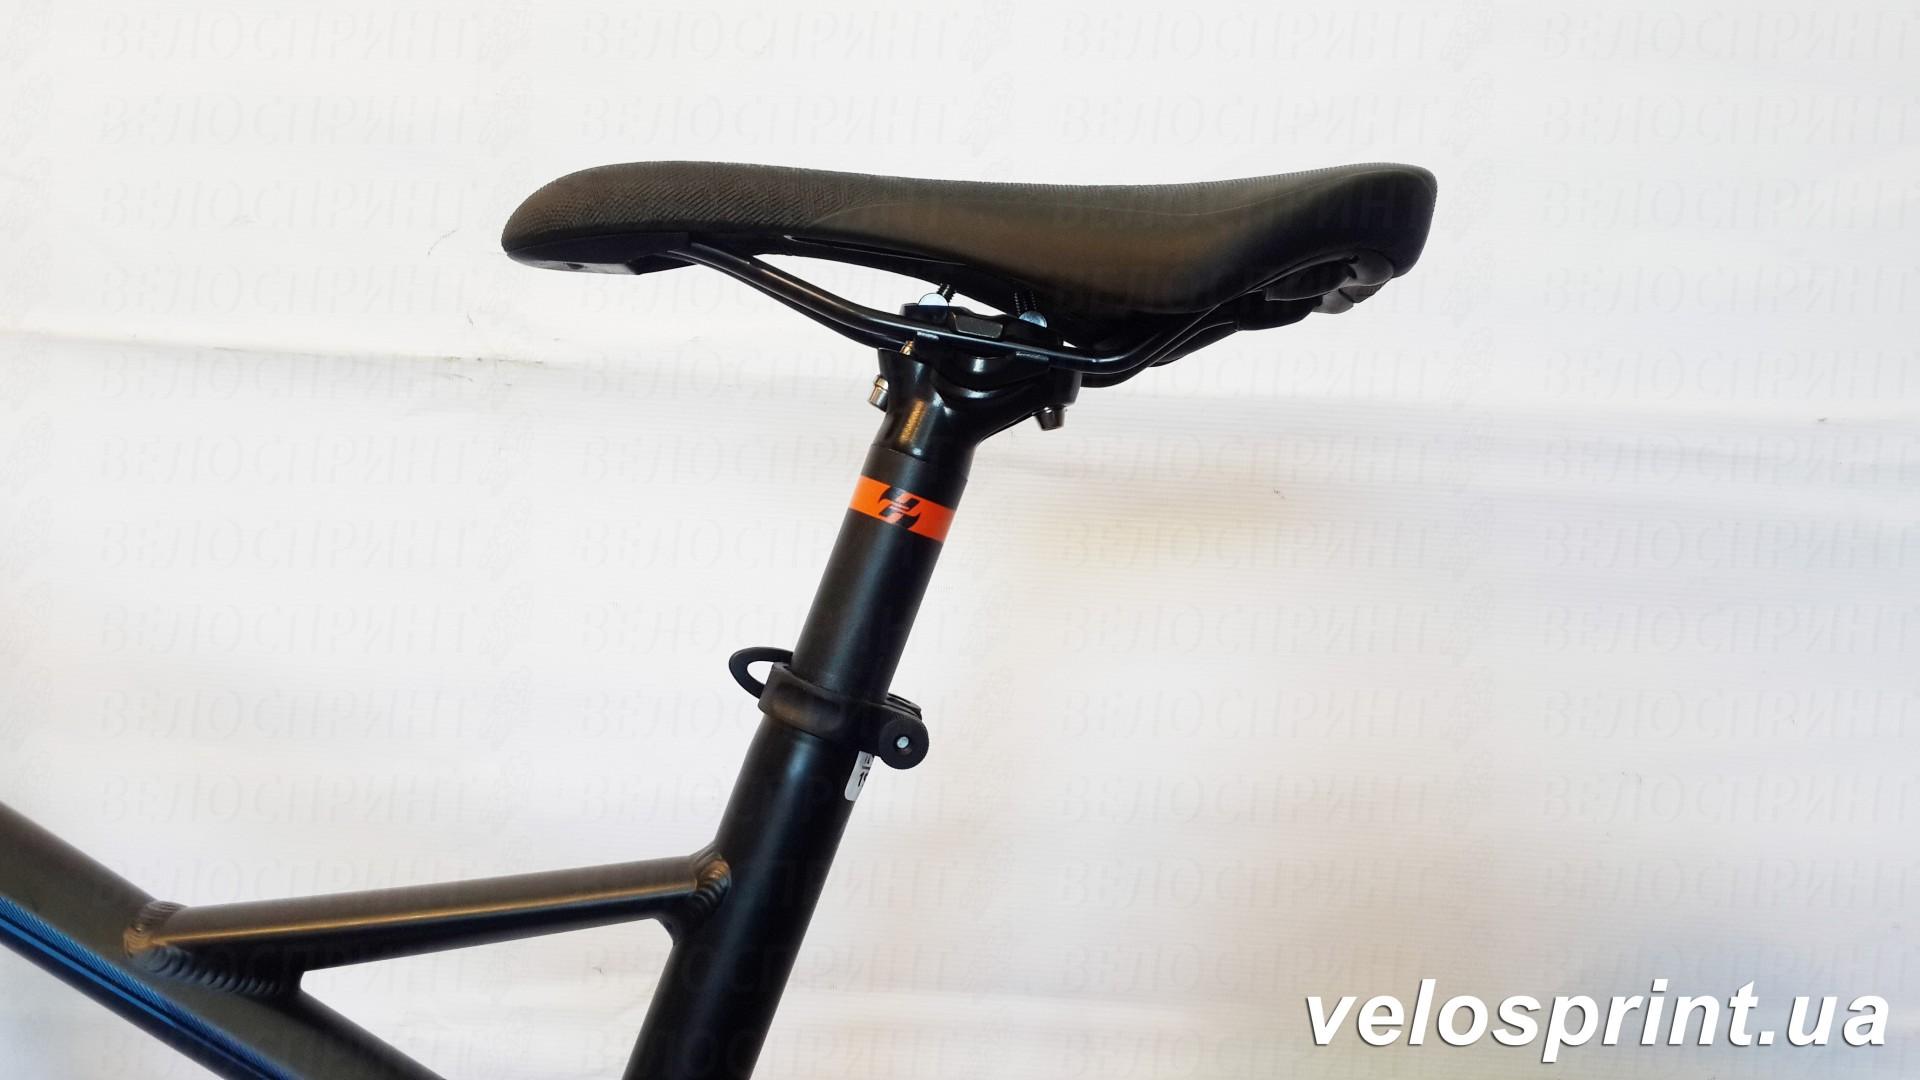 Велосипед GHOST Kato FS 2 AL 27.5 nightblack/riotblue/monarchorange подседельный штырь  год 2017